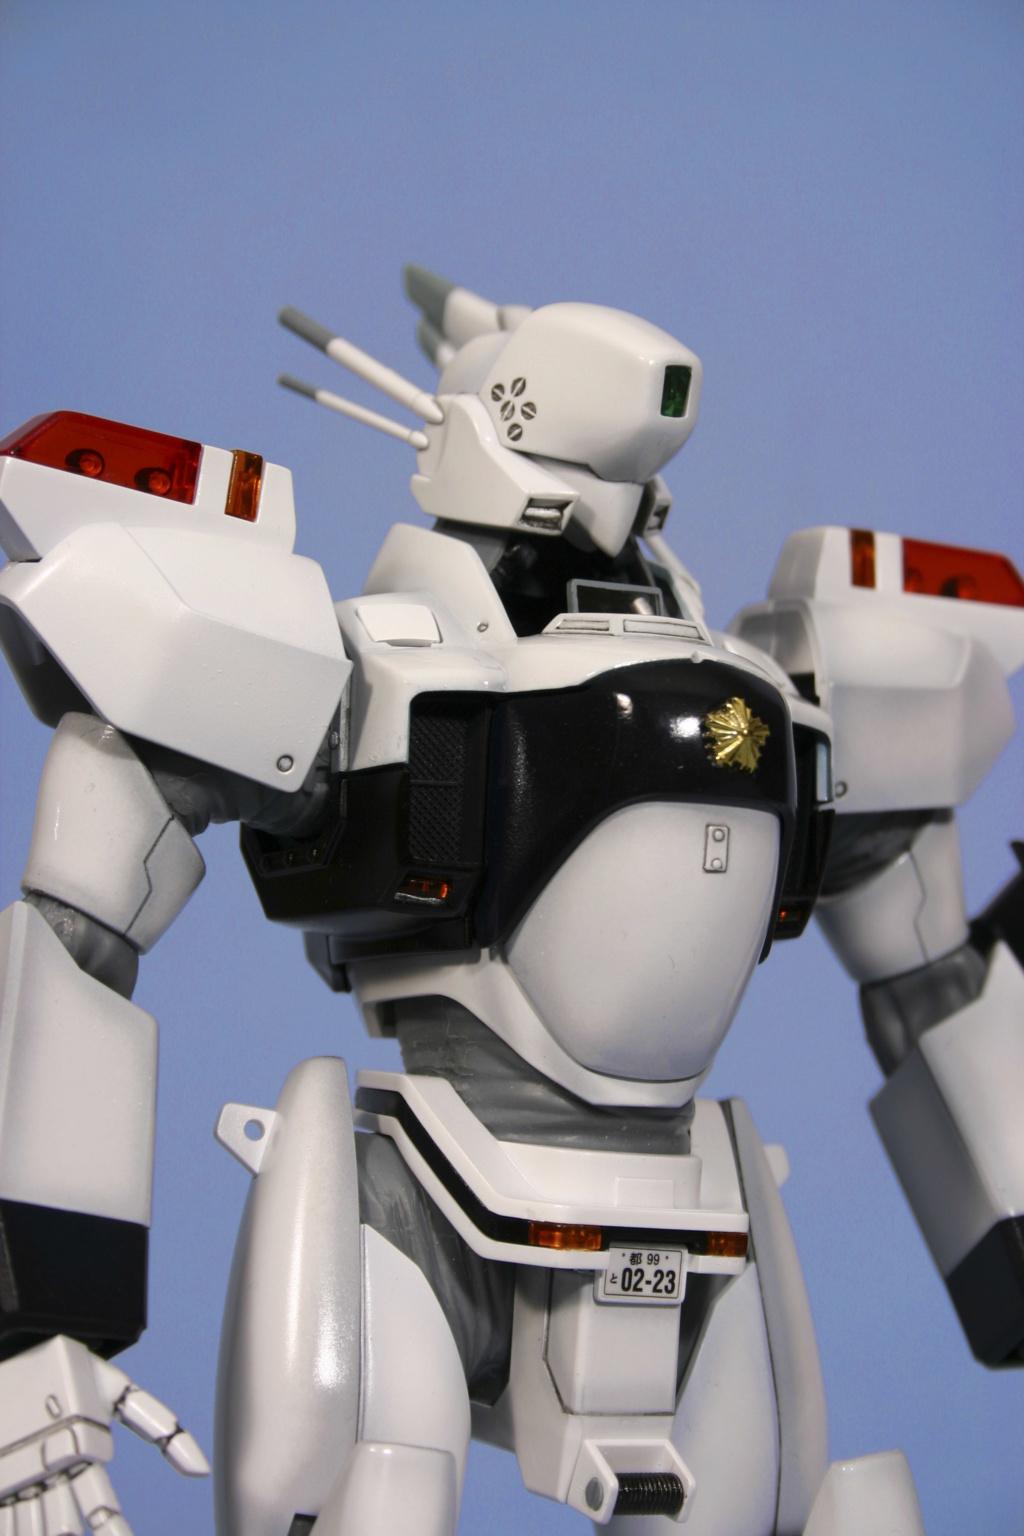 Patlabor - Shinohara AV-98 Ingram 3 Ingram18